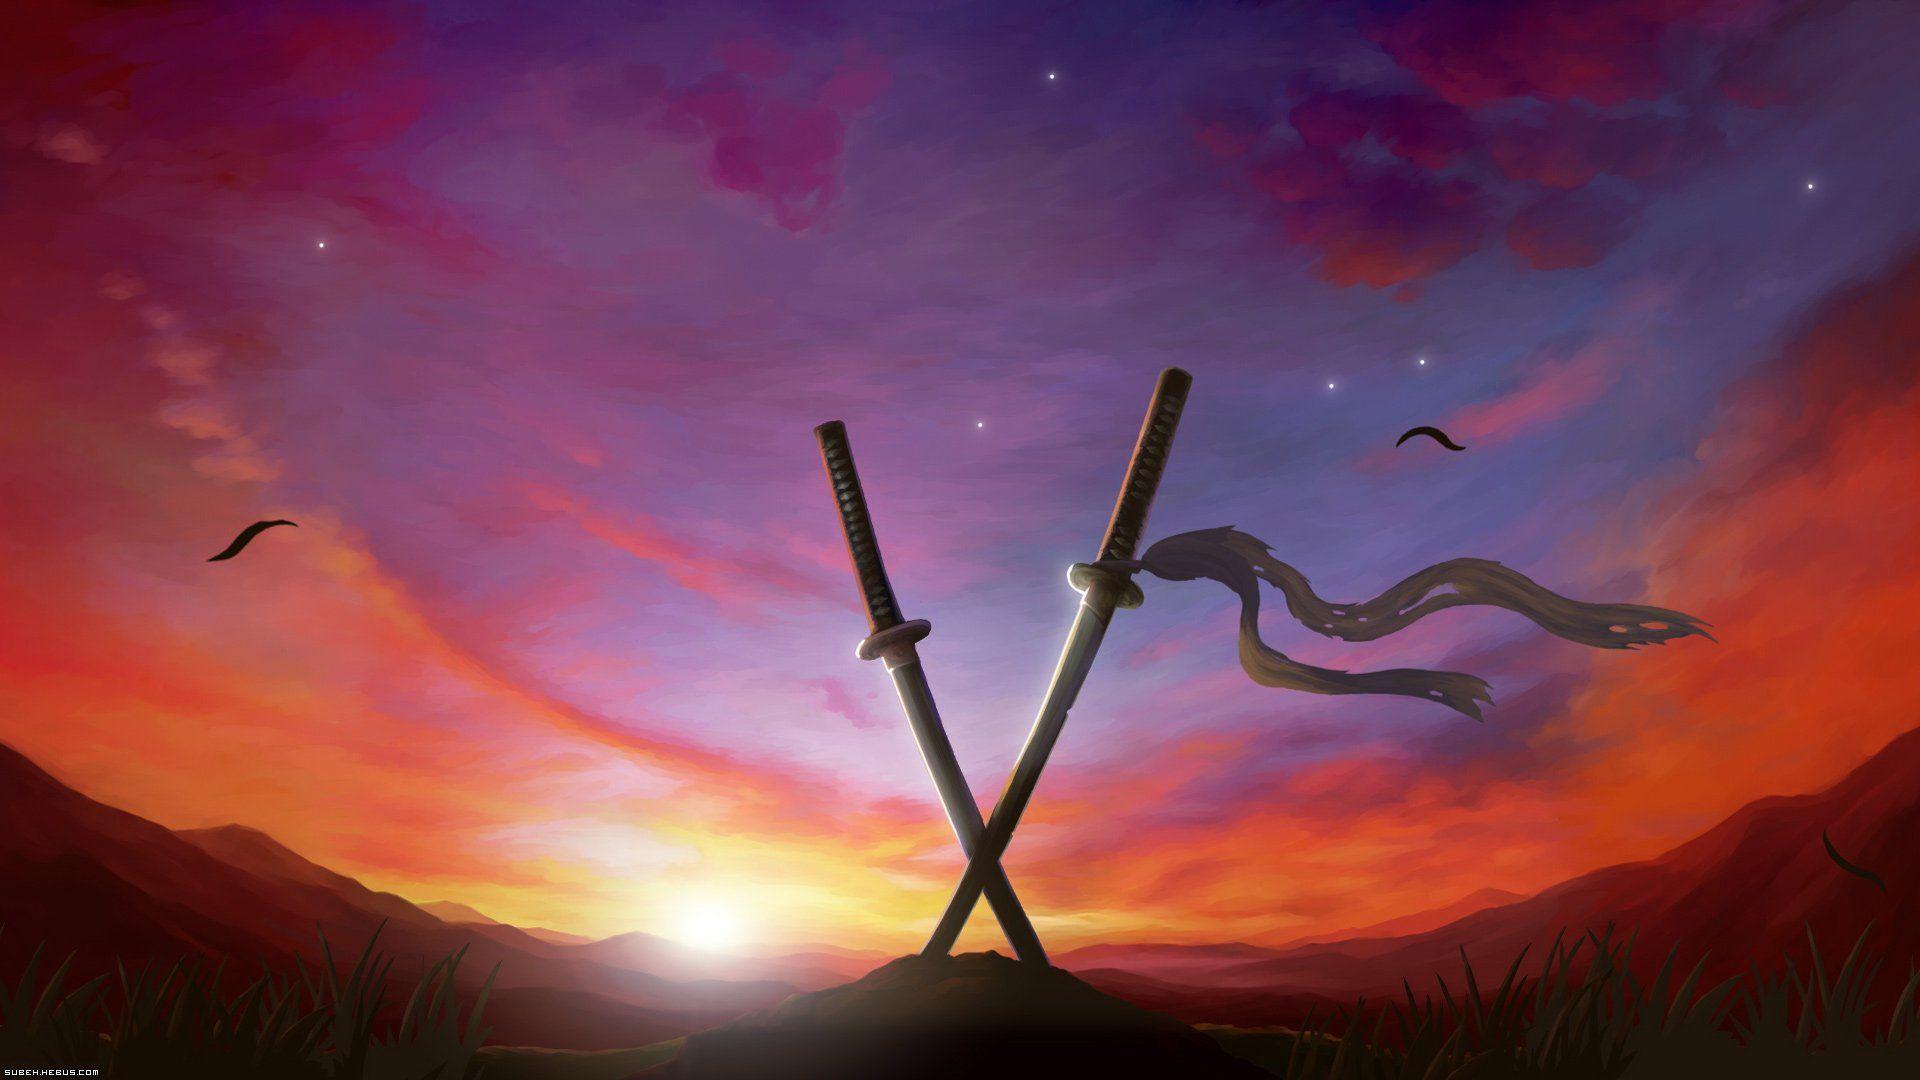 Seni Budaya Jepang Legenda Pedang Masamune Dan Muramasa Artforia Com Seni Budaya Jepang Pedang Katana Merupakan Sebuah S Anime Wallpaper Fantasy Art Art Download wallpaper anime pedang